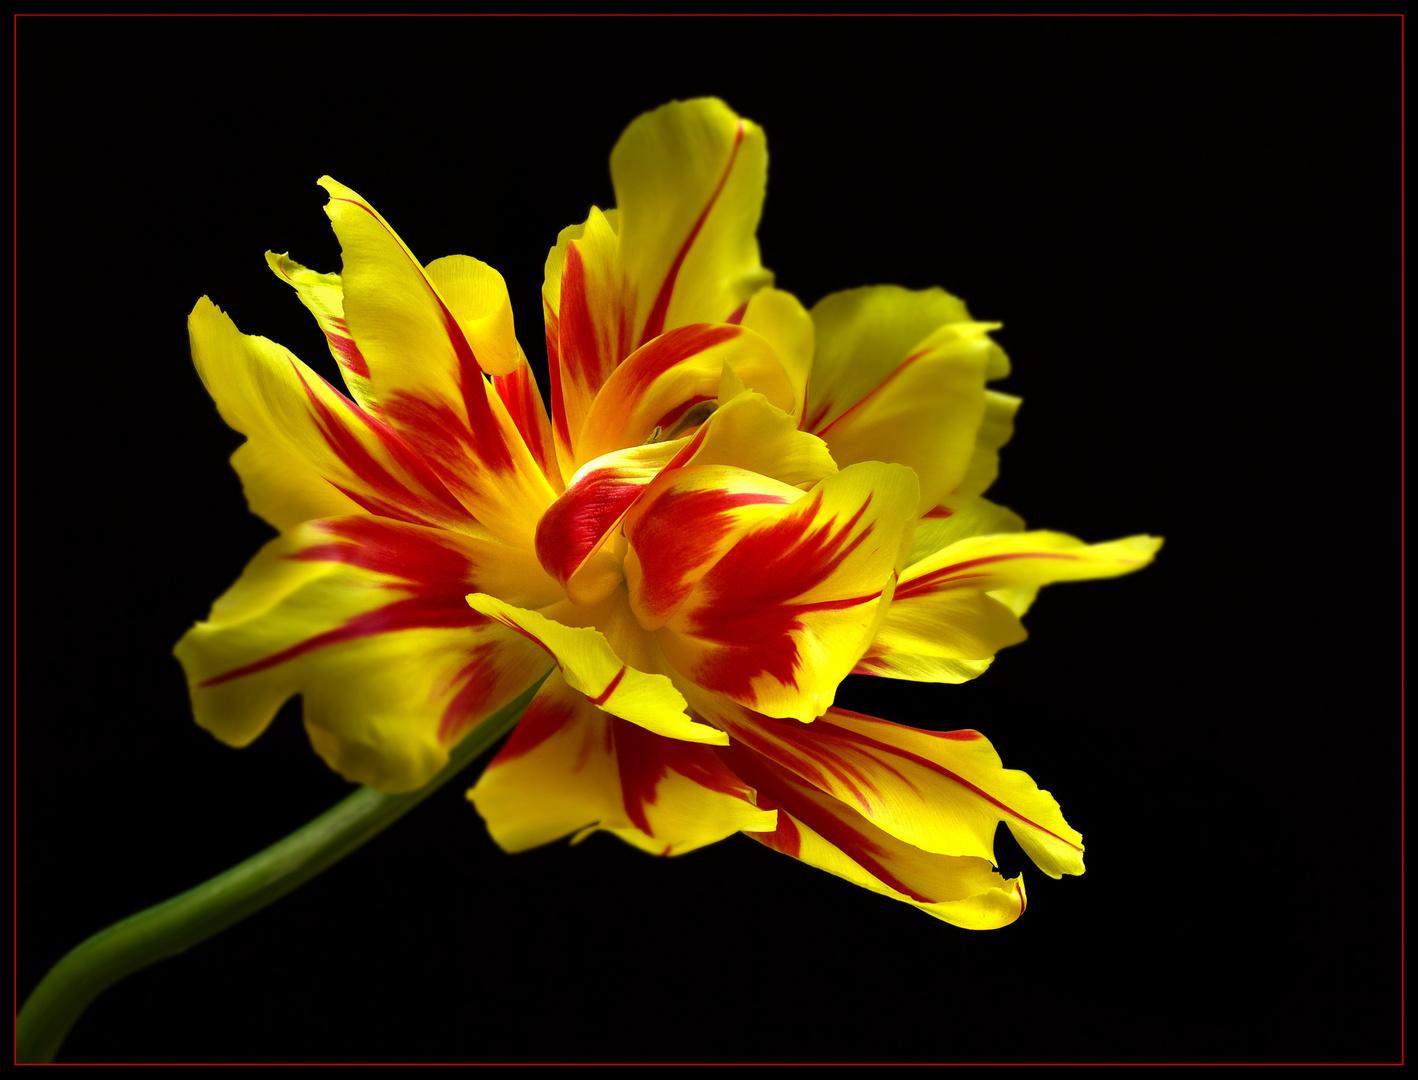 Die Zeit der schönen Tulpen ist nun leider vorbei